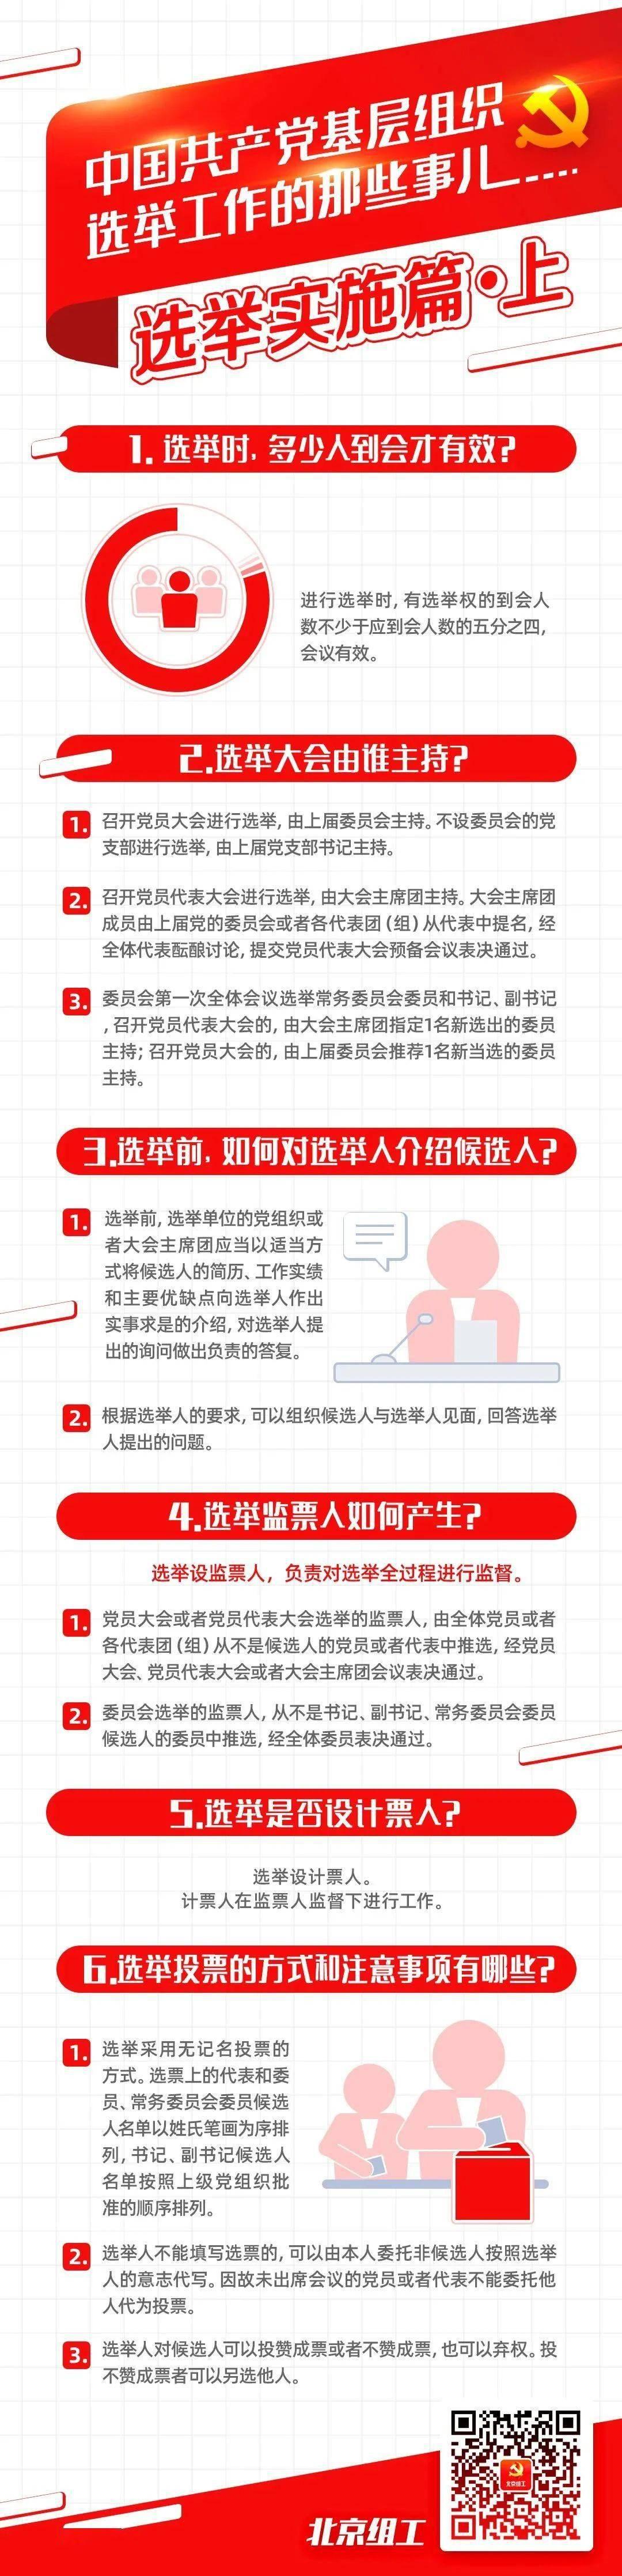 【组工讲堂】图说基层党组织选举③|选举如何实施(上)